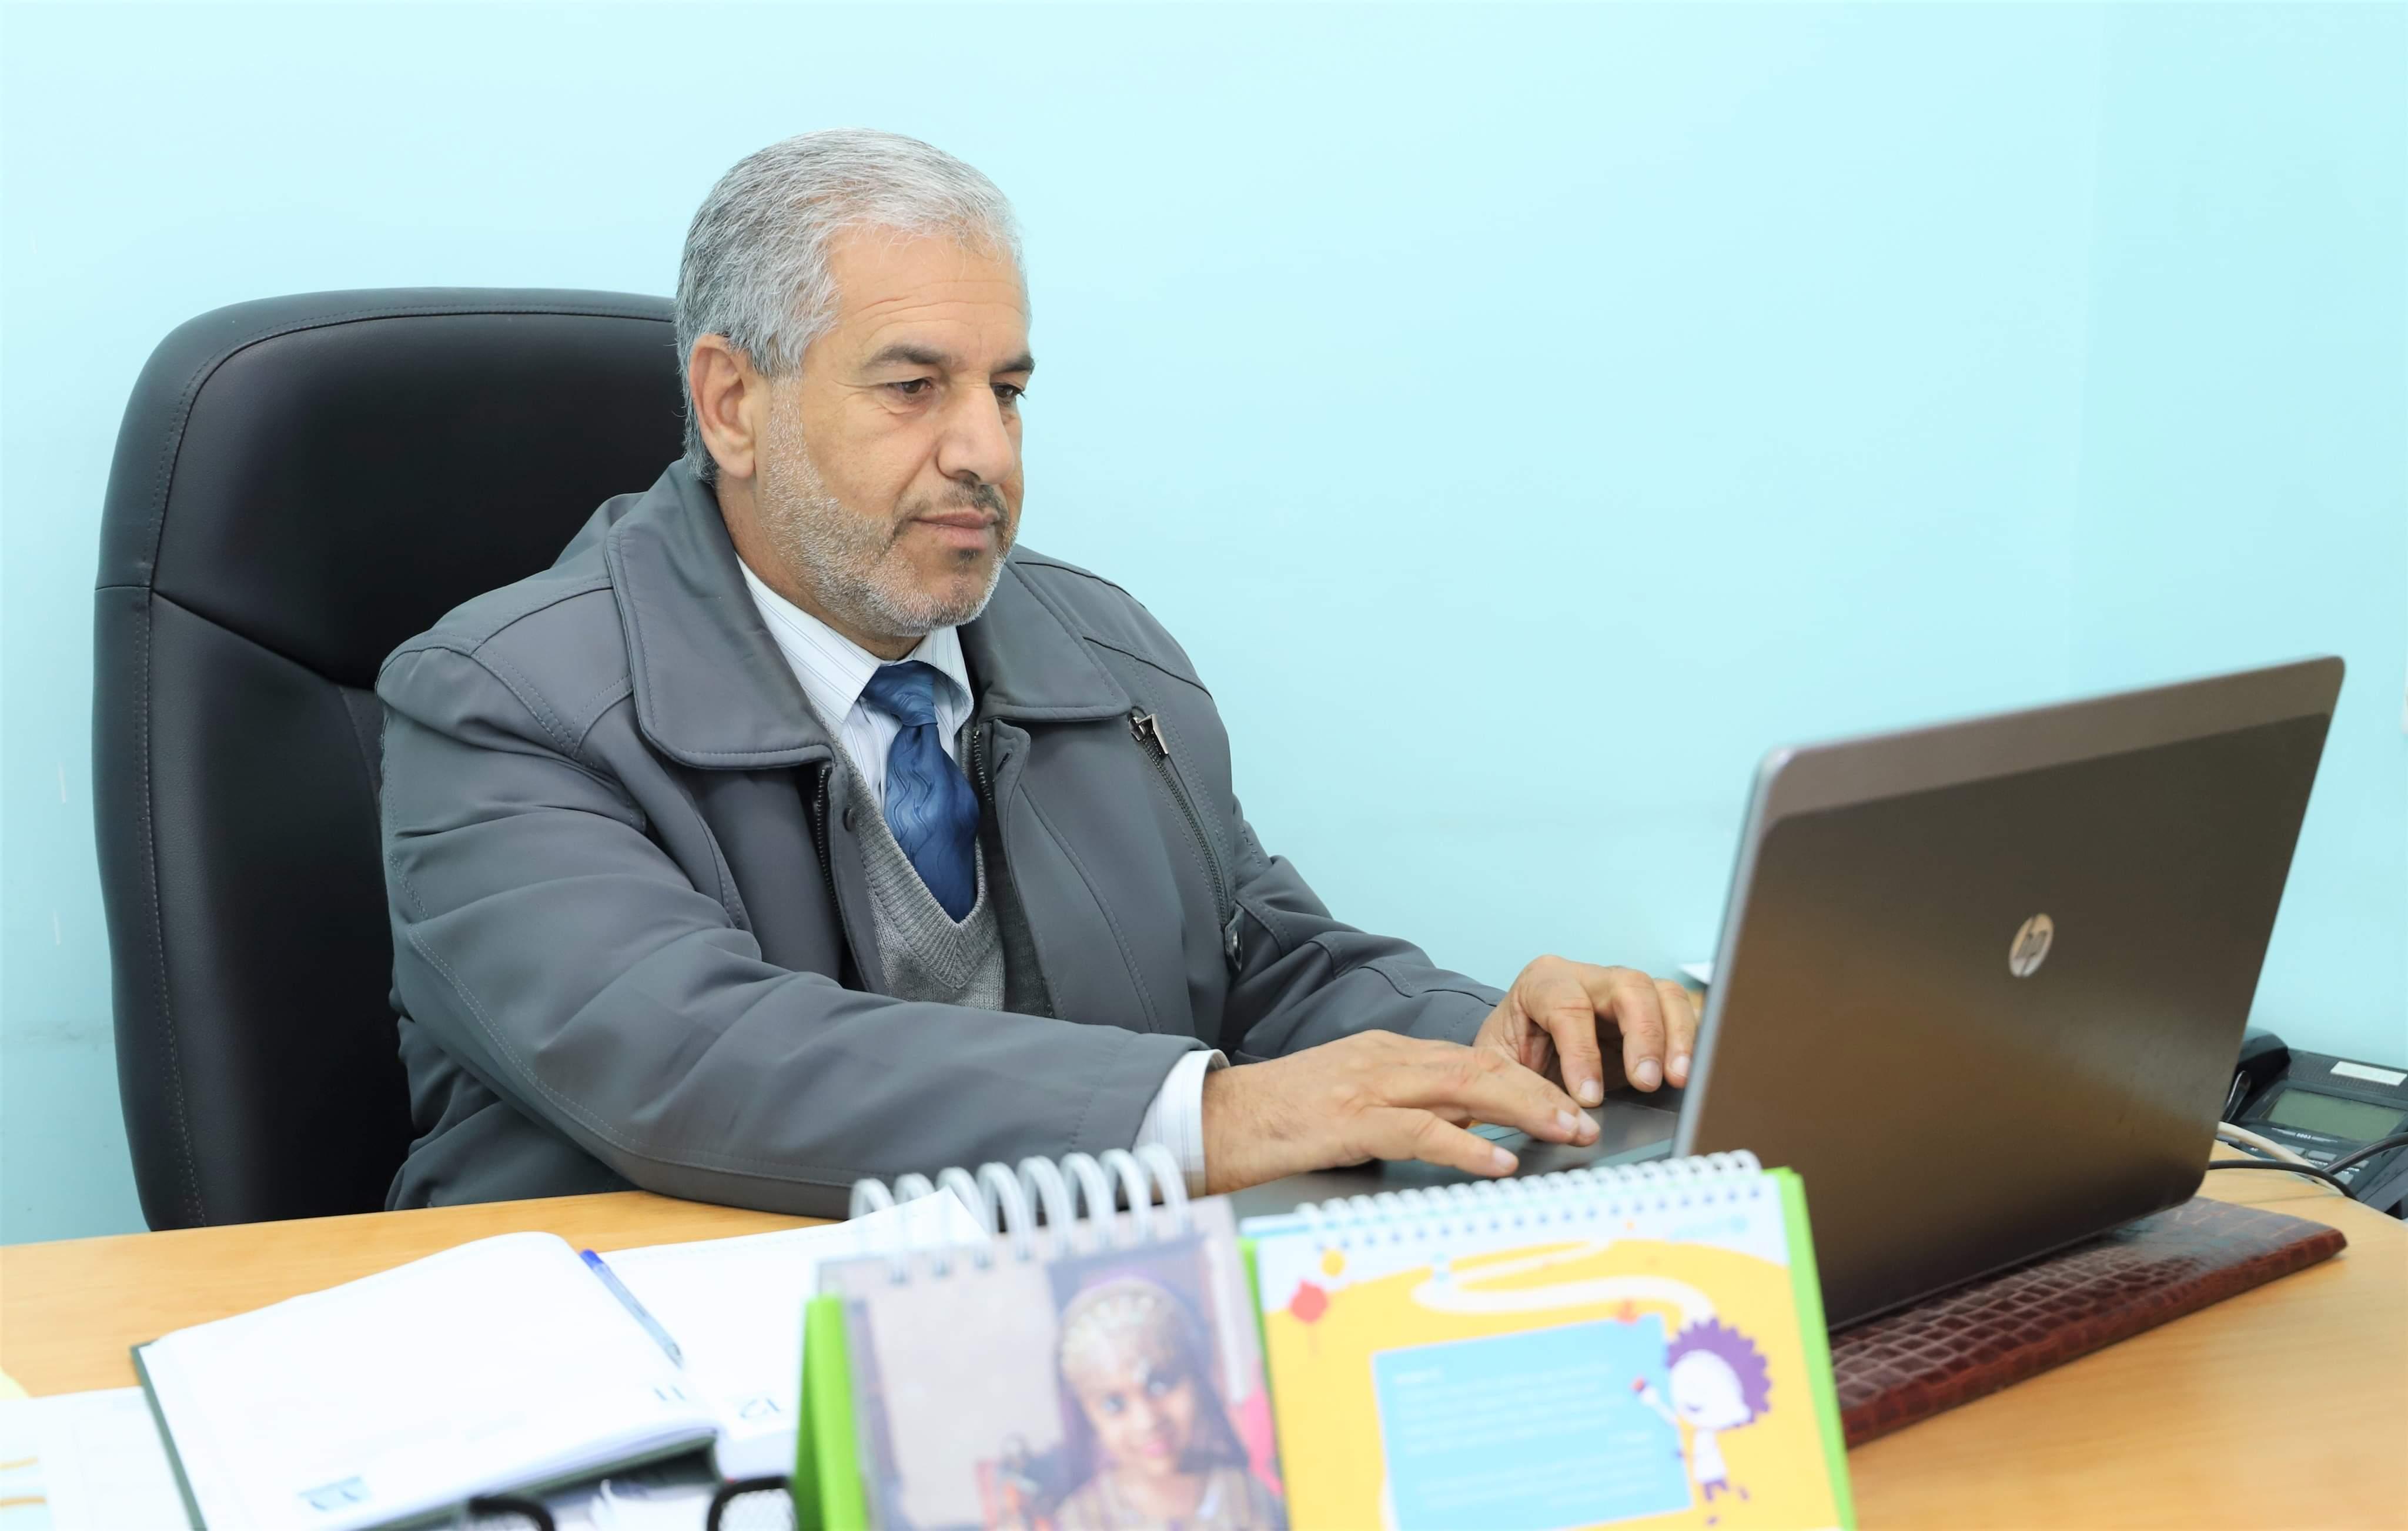 د. ضهير: يوضح إجراءات التخلص من النفايات الطبية في مراكز الحجر الصحي